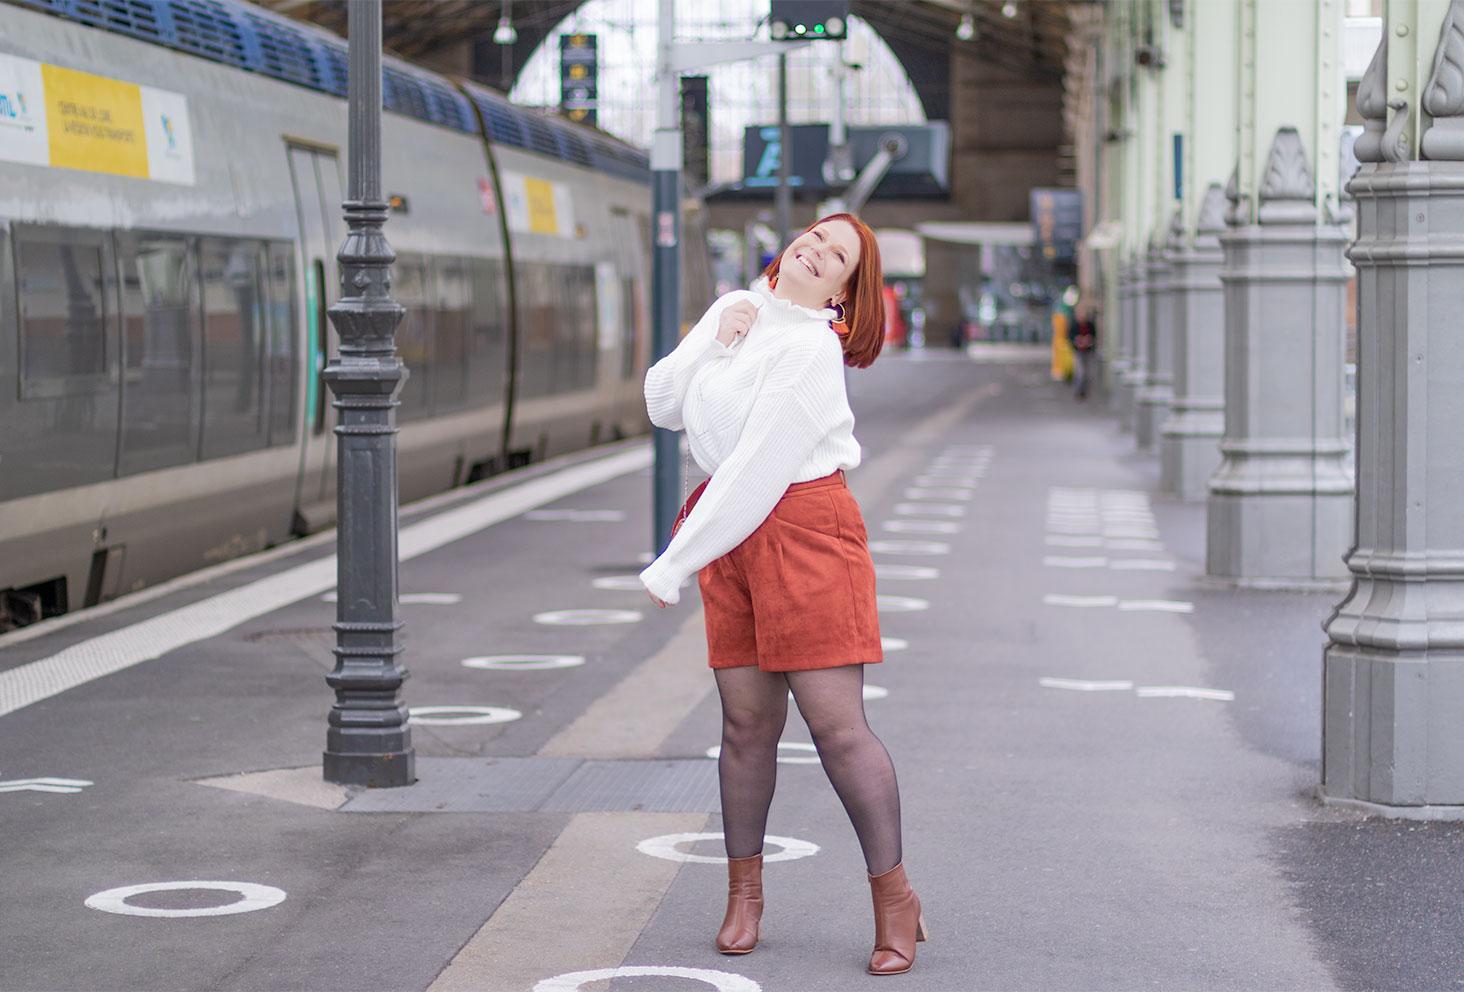 Dans la gare avec le sourire, en look de fêtes confortable pour terminer 2020